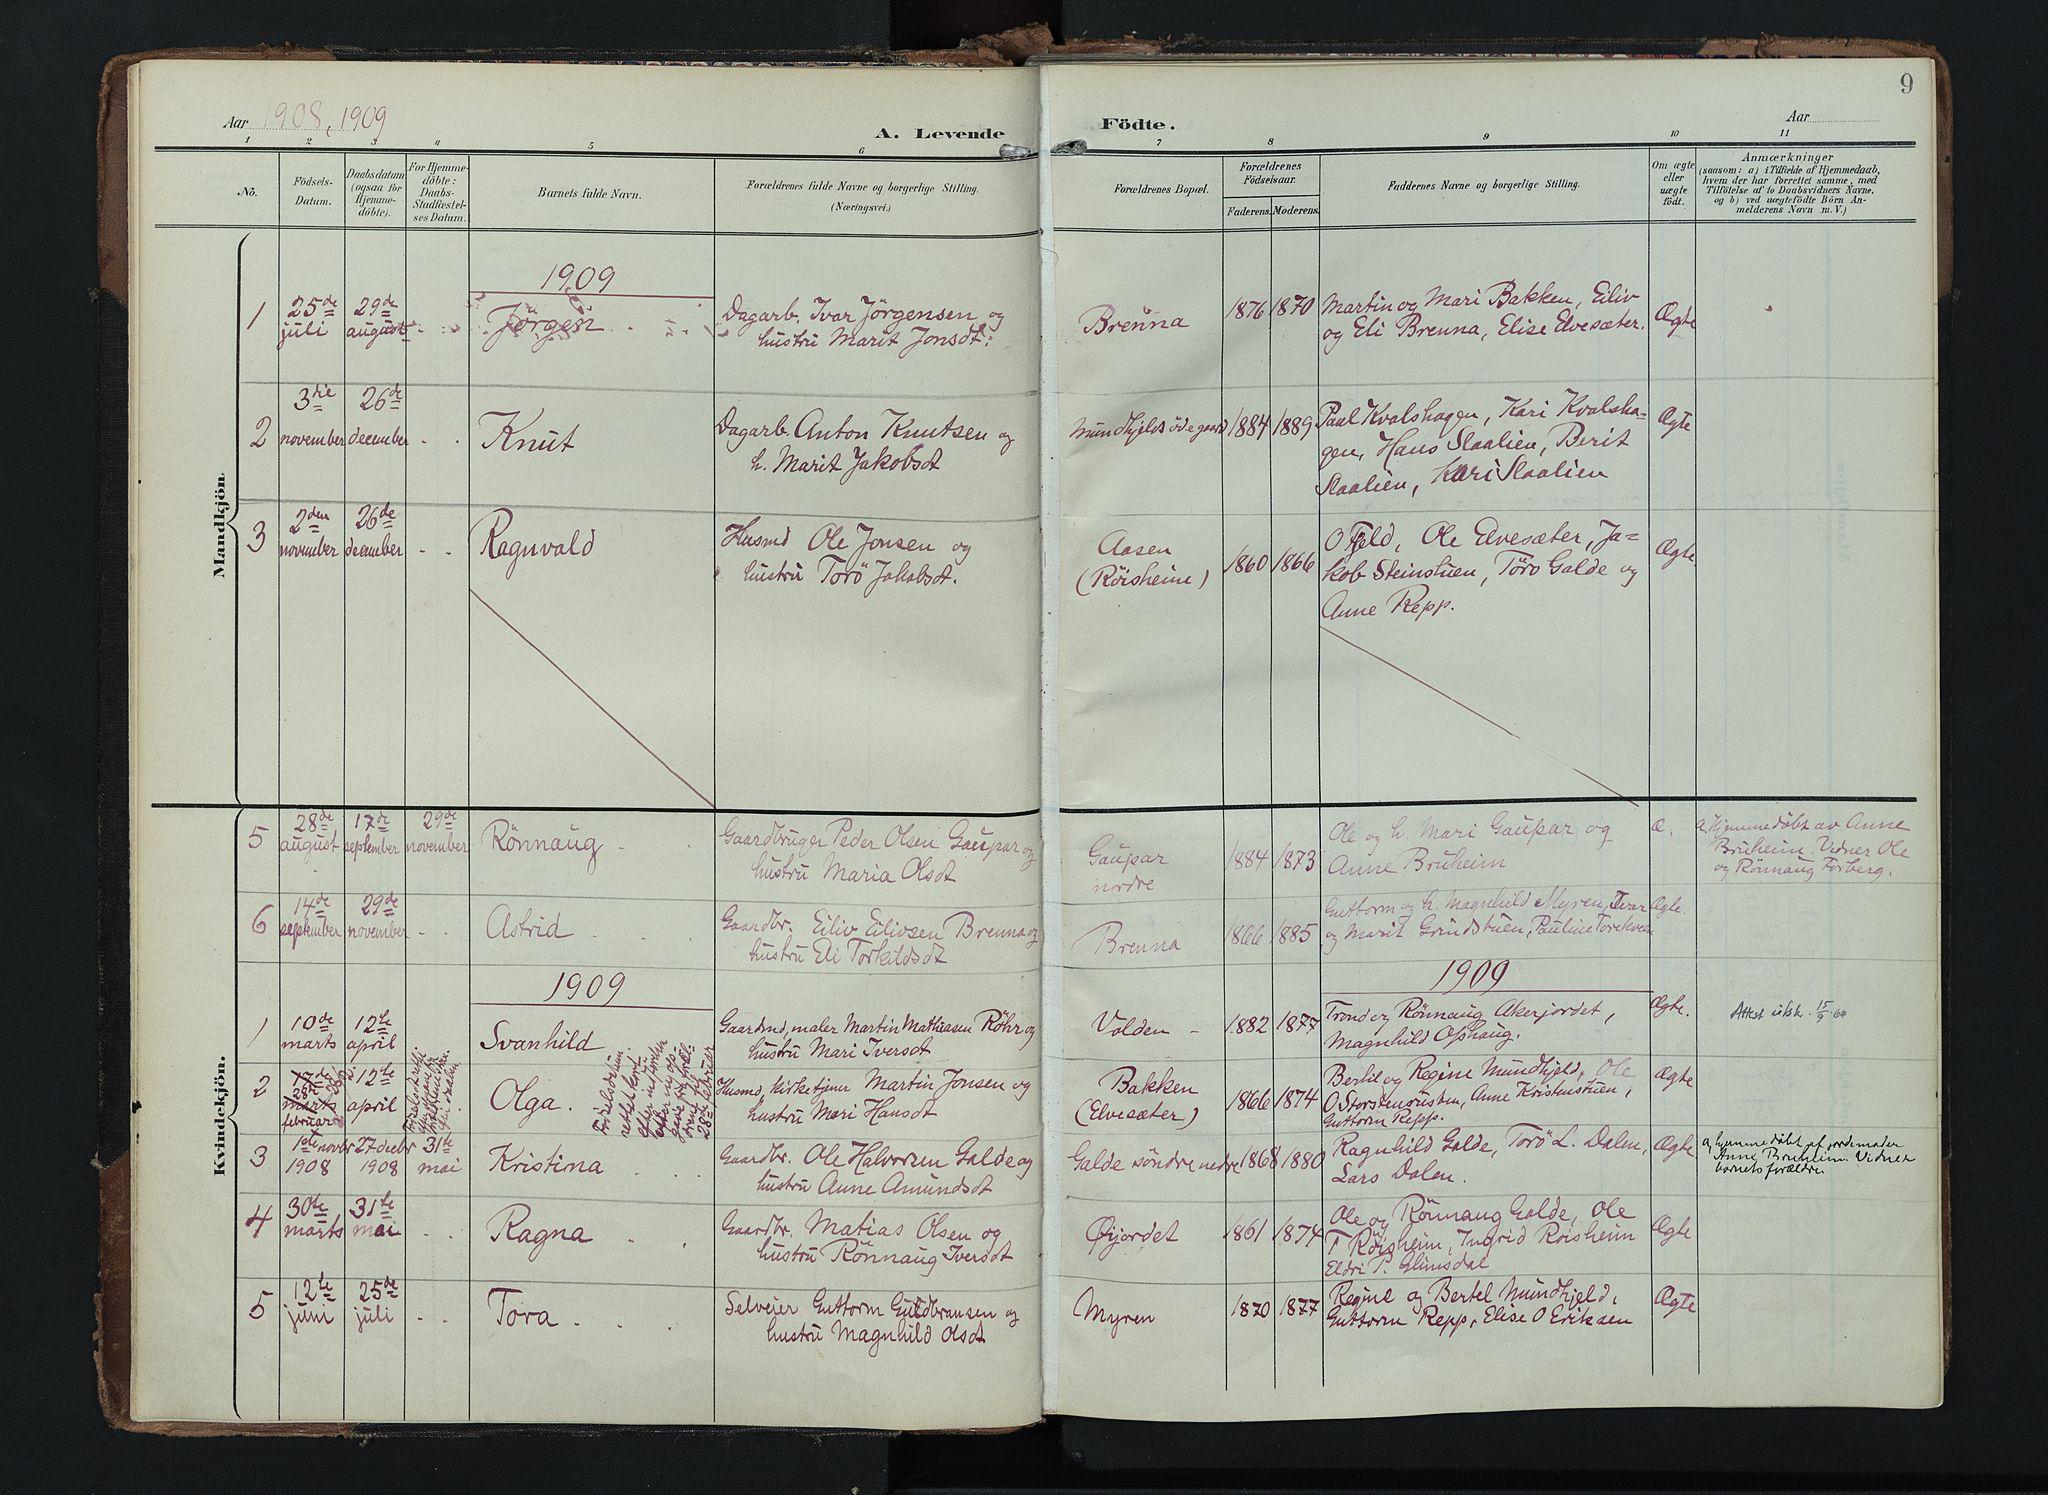 SAH, Lom prestekontor, K/L0012: Ministerialbok nr. 12, 1904-1928, s. 9